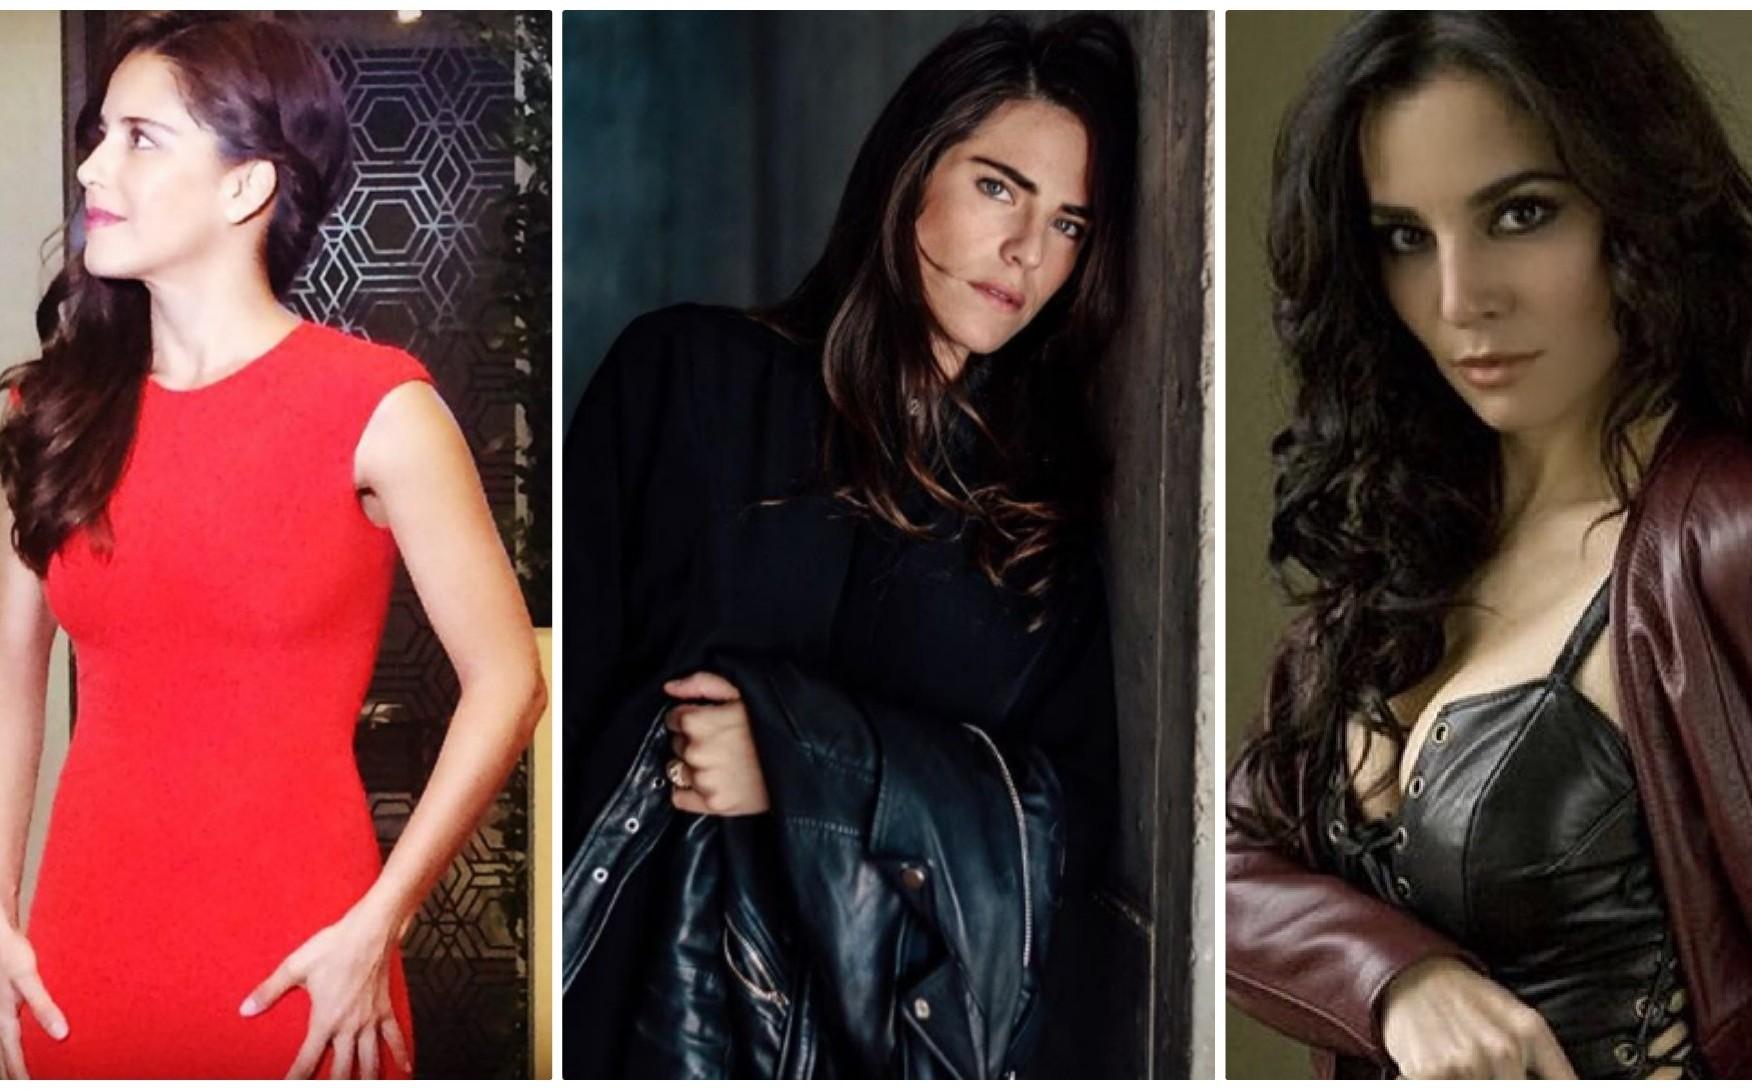 Ana Claudia Talancon Instagram atacan a actrices por supuesto boicot contra yalitza aparicio